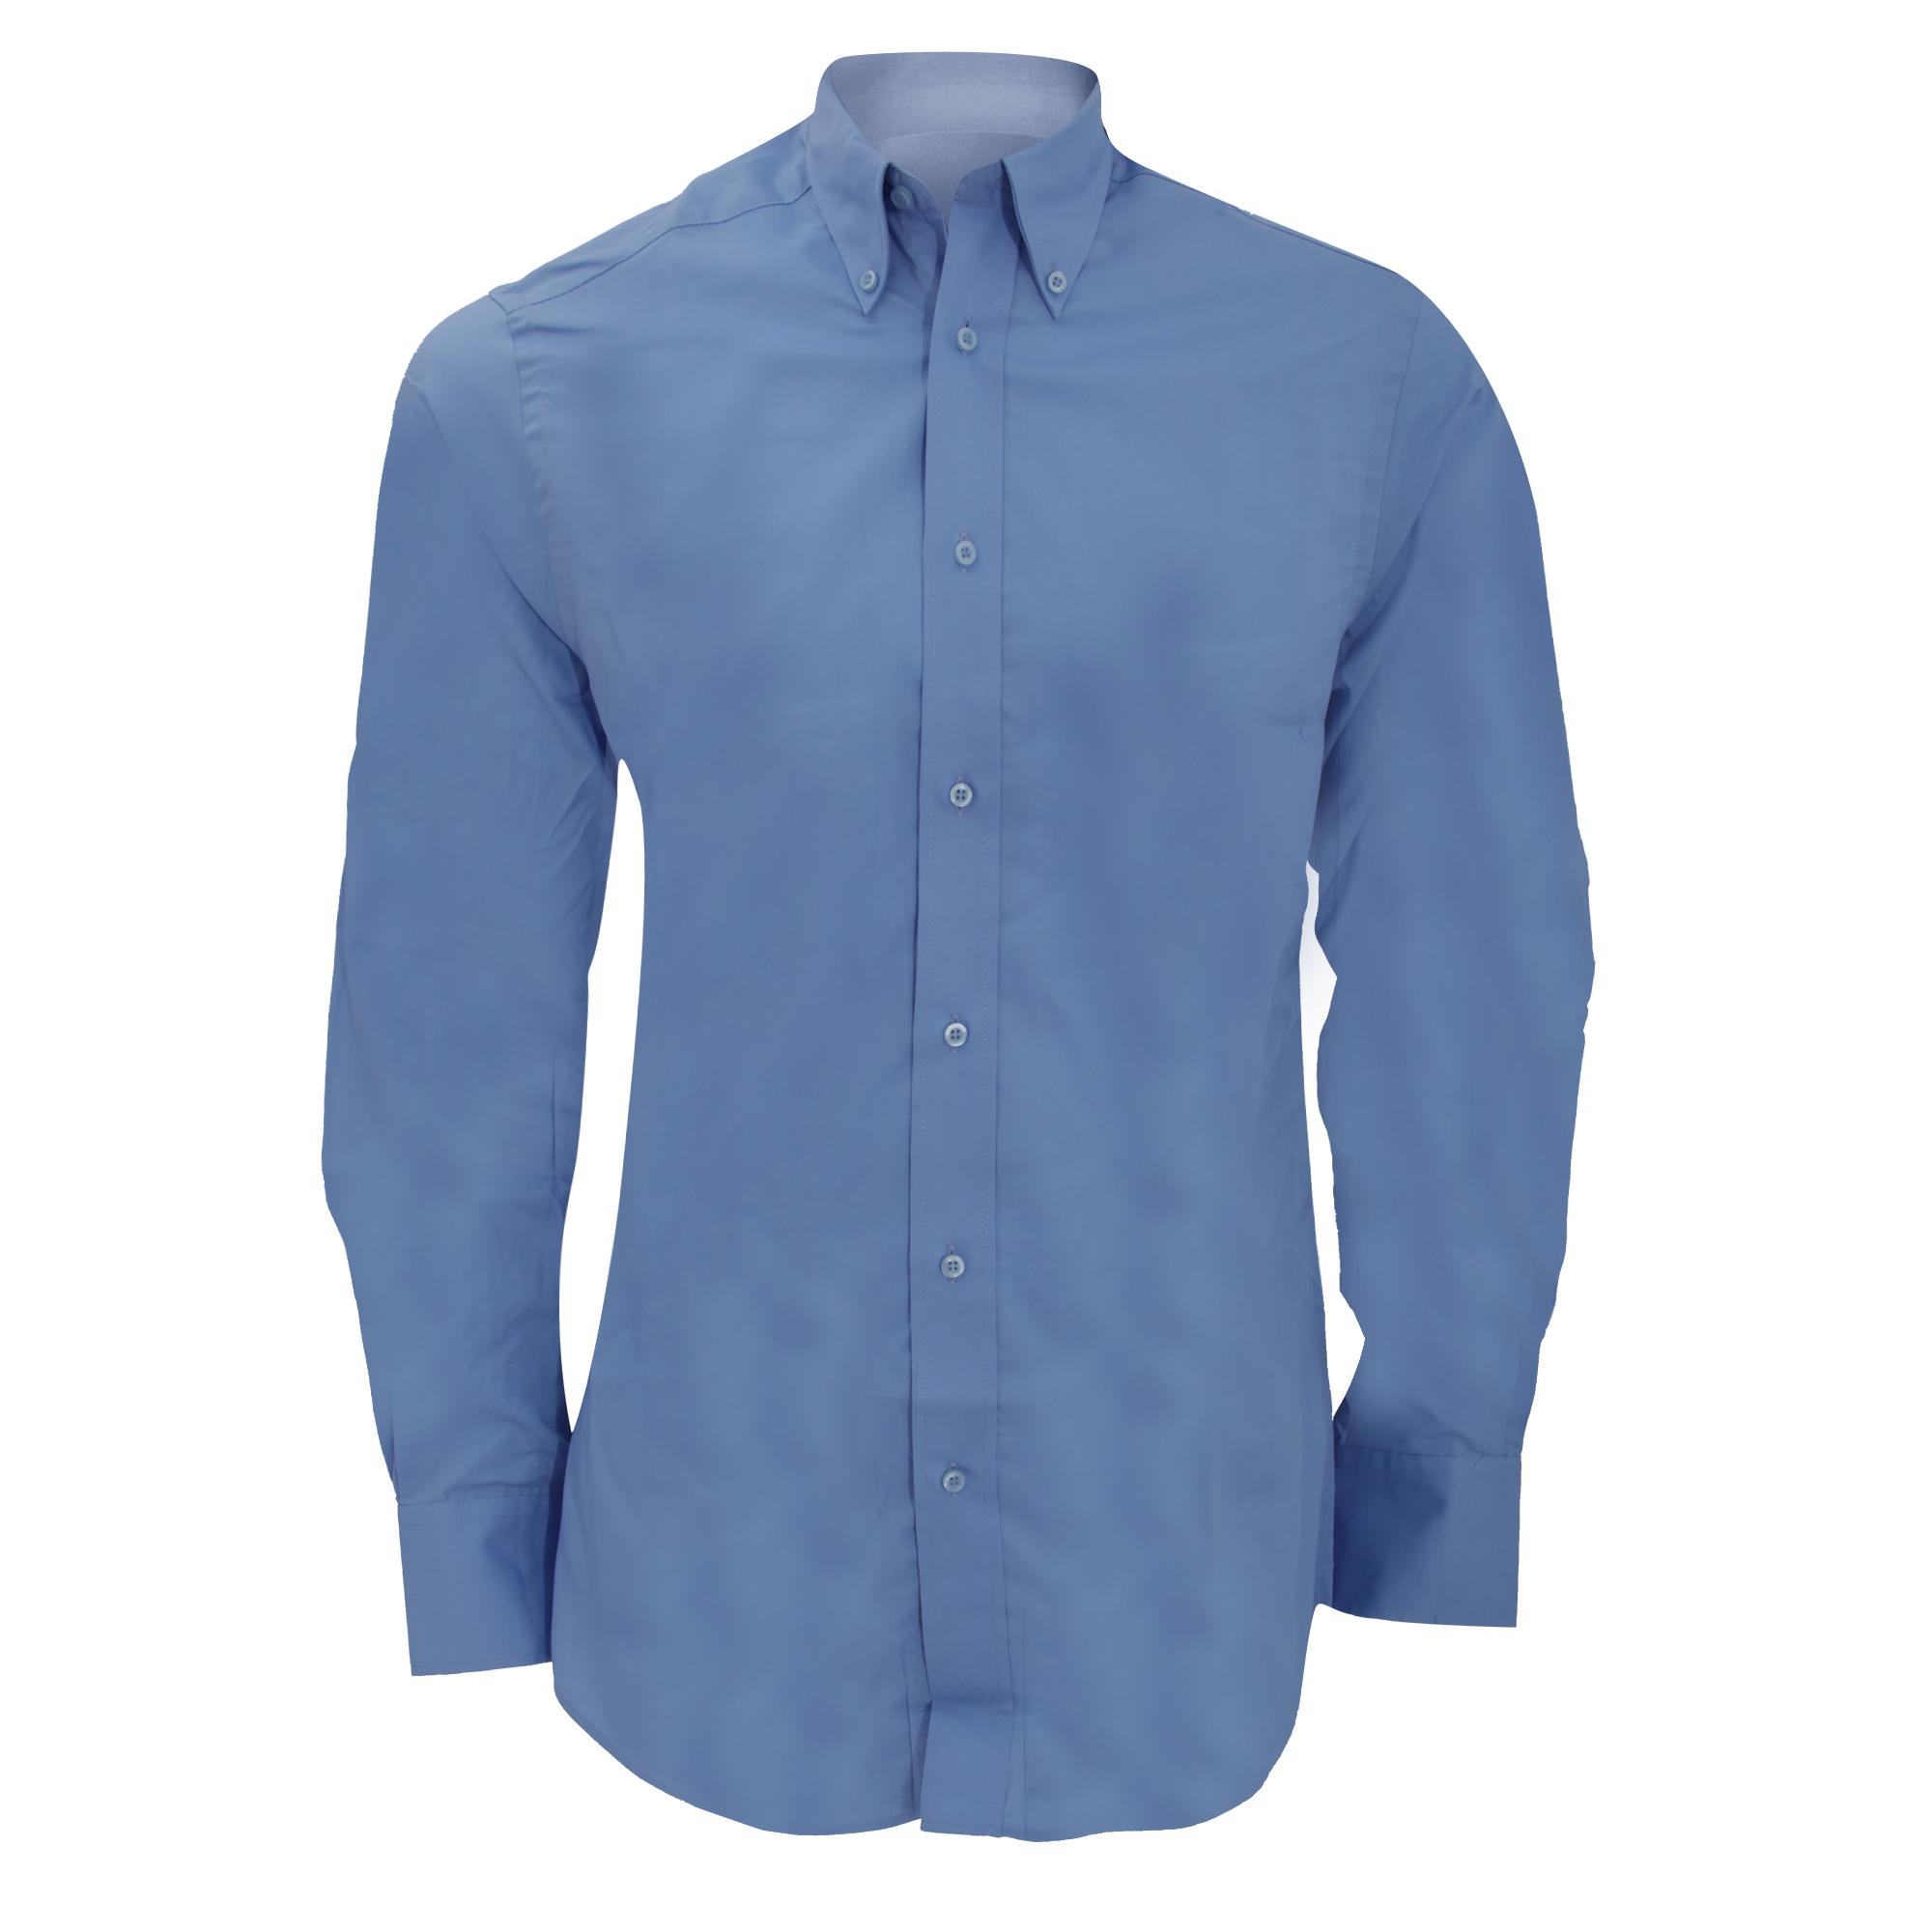 Kustom kit mens city long sleeve business shirt ebay for Business shirts for men